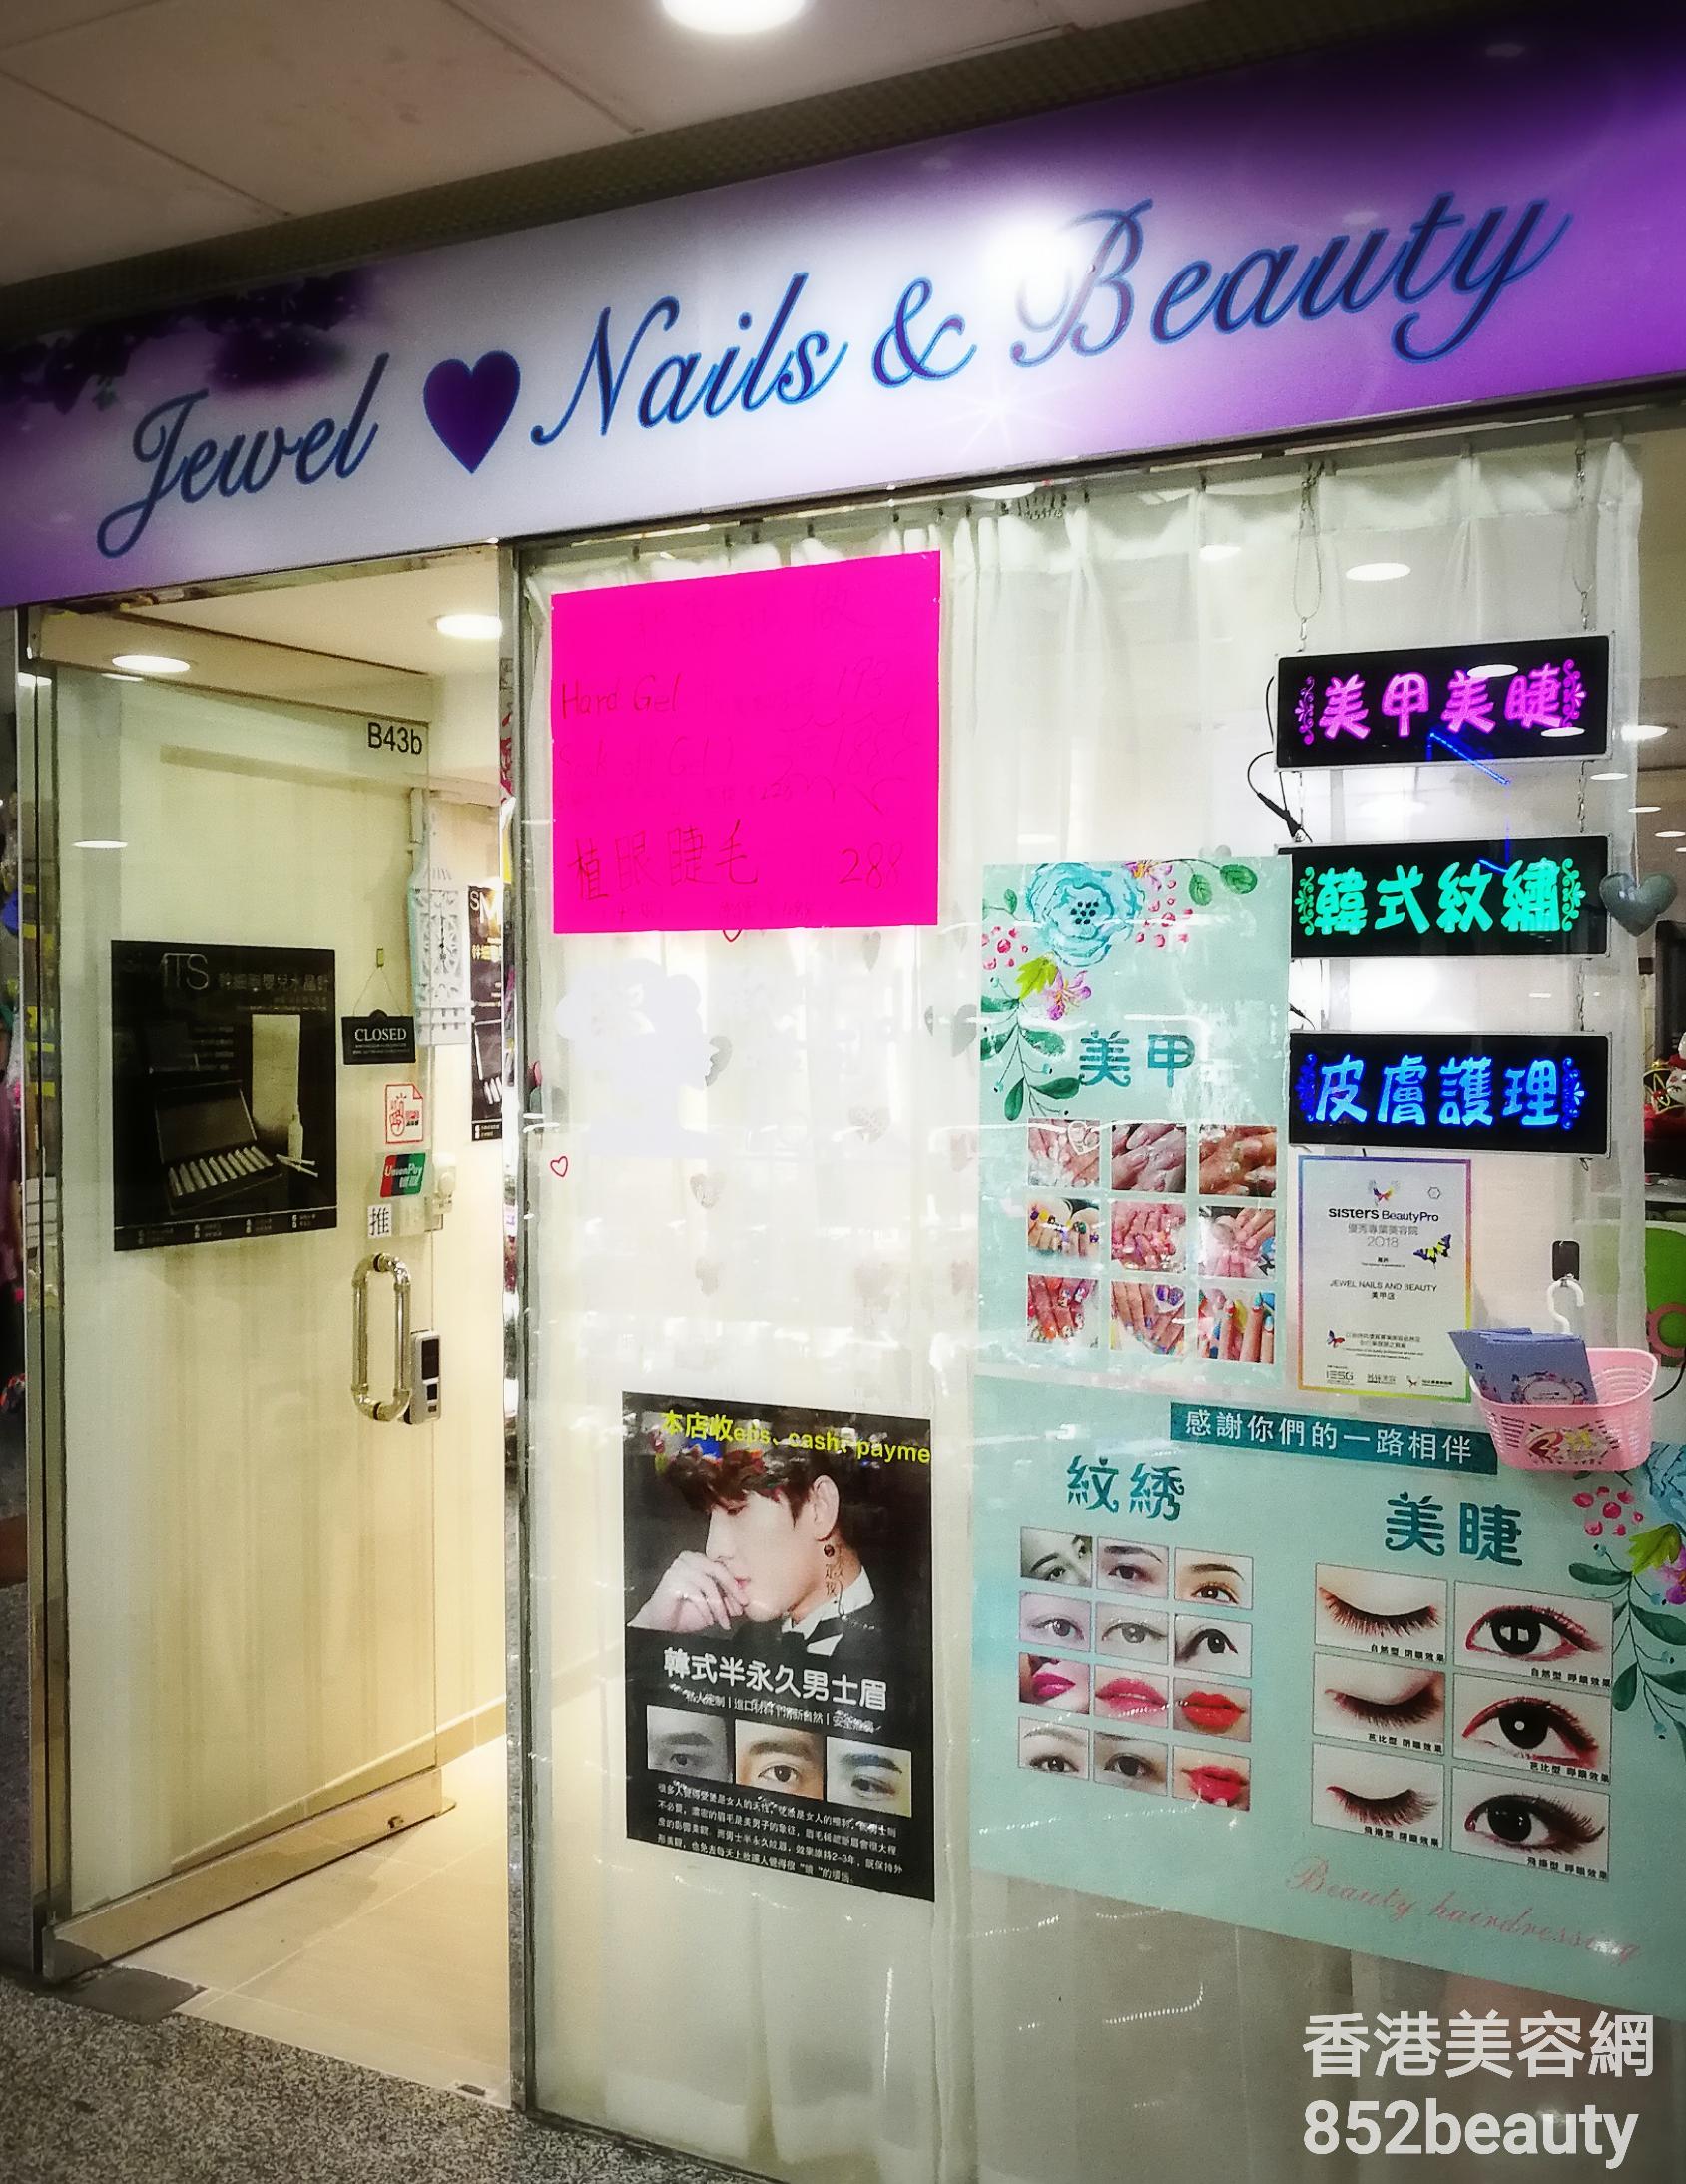 香港美容院 美容師 : Jewel Nails & Beauty @青年創業軍